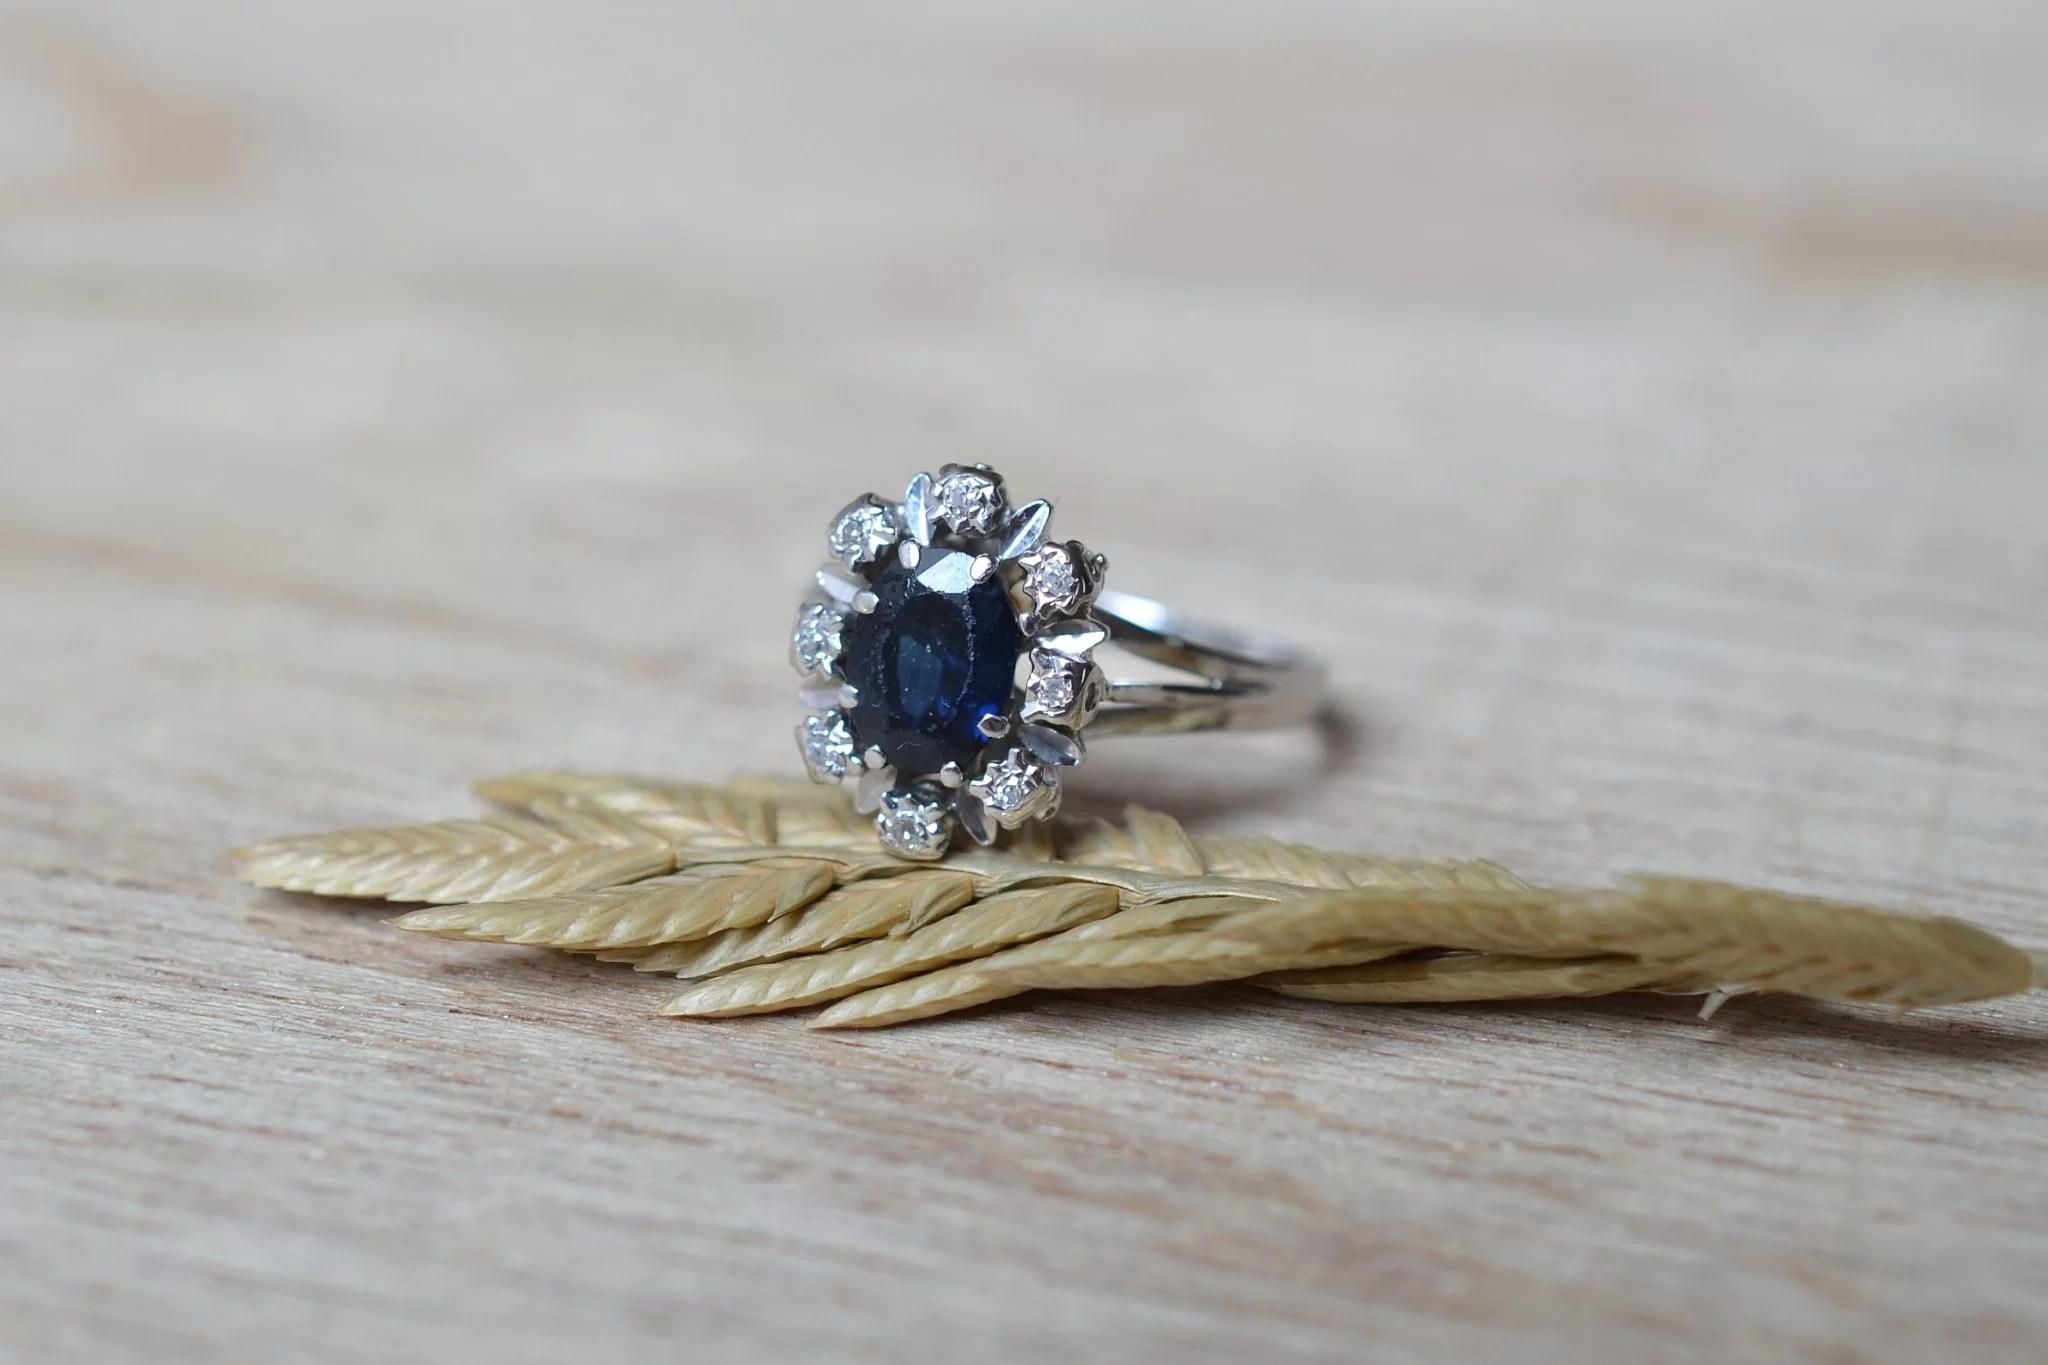 Bague Marguerite En Or Blanc Centrée D_un Saphir égrisé Entouré De Diamants 8_8 - Bague Ancienne